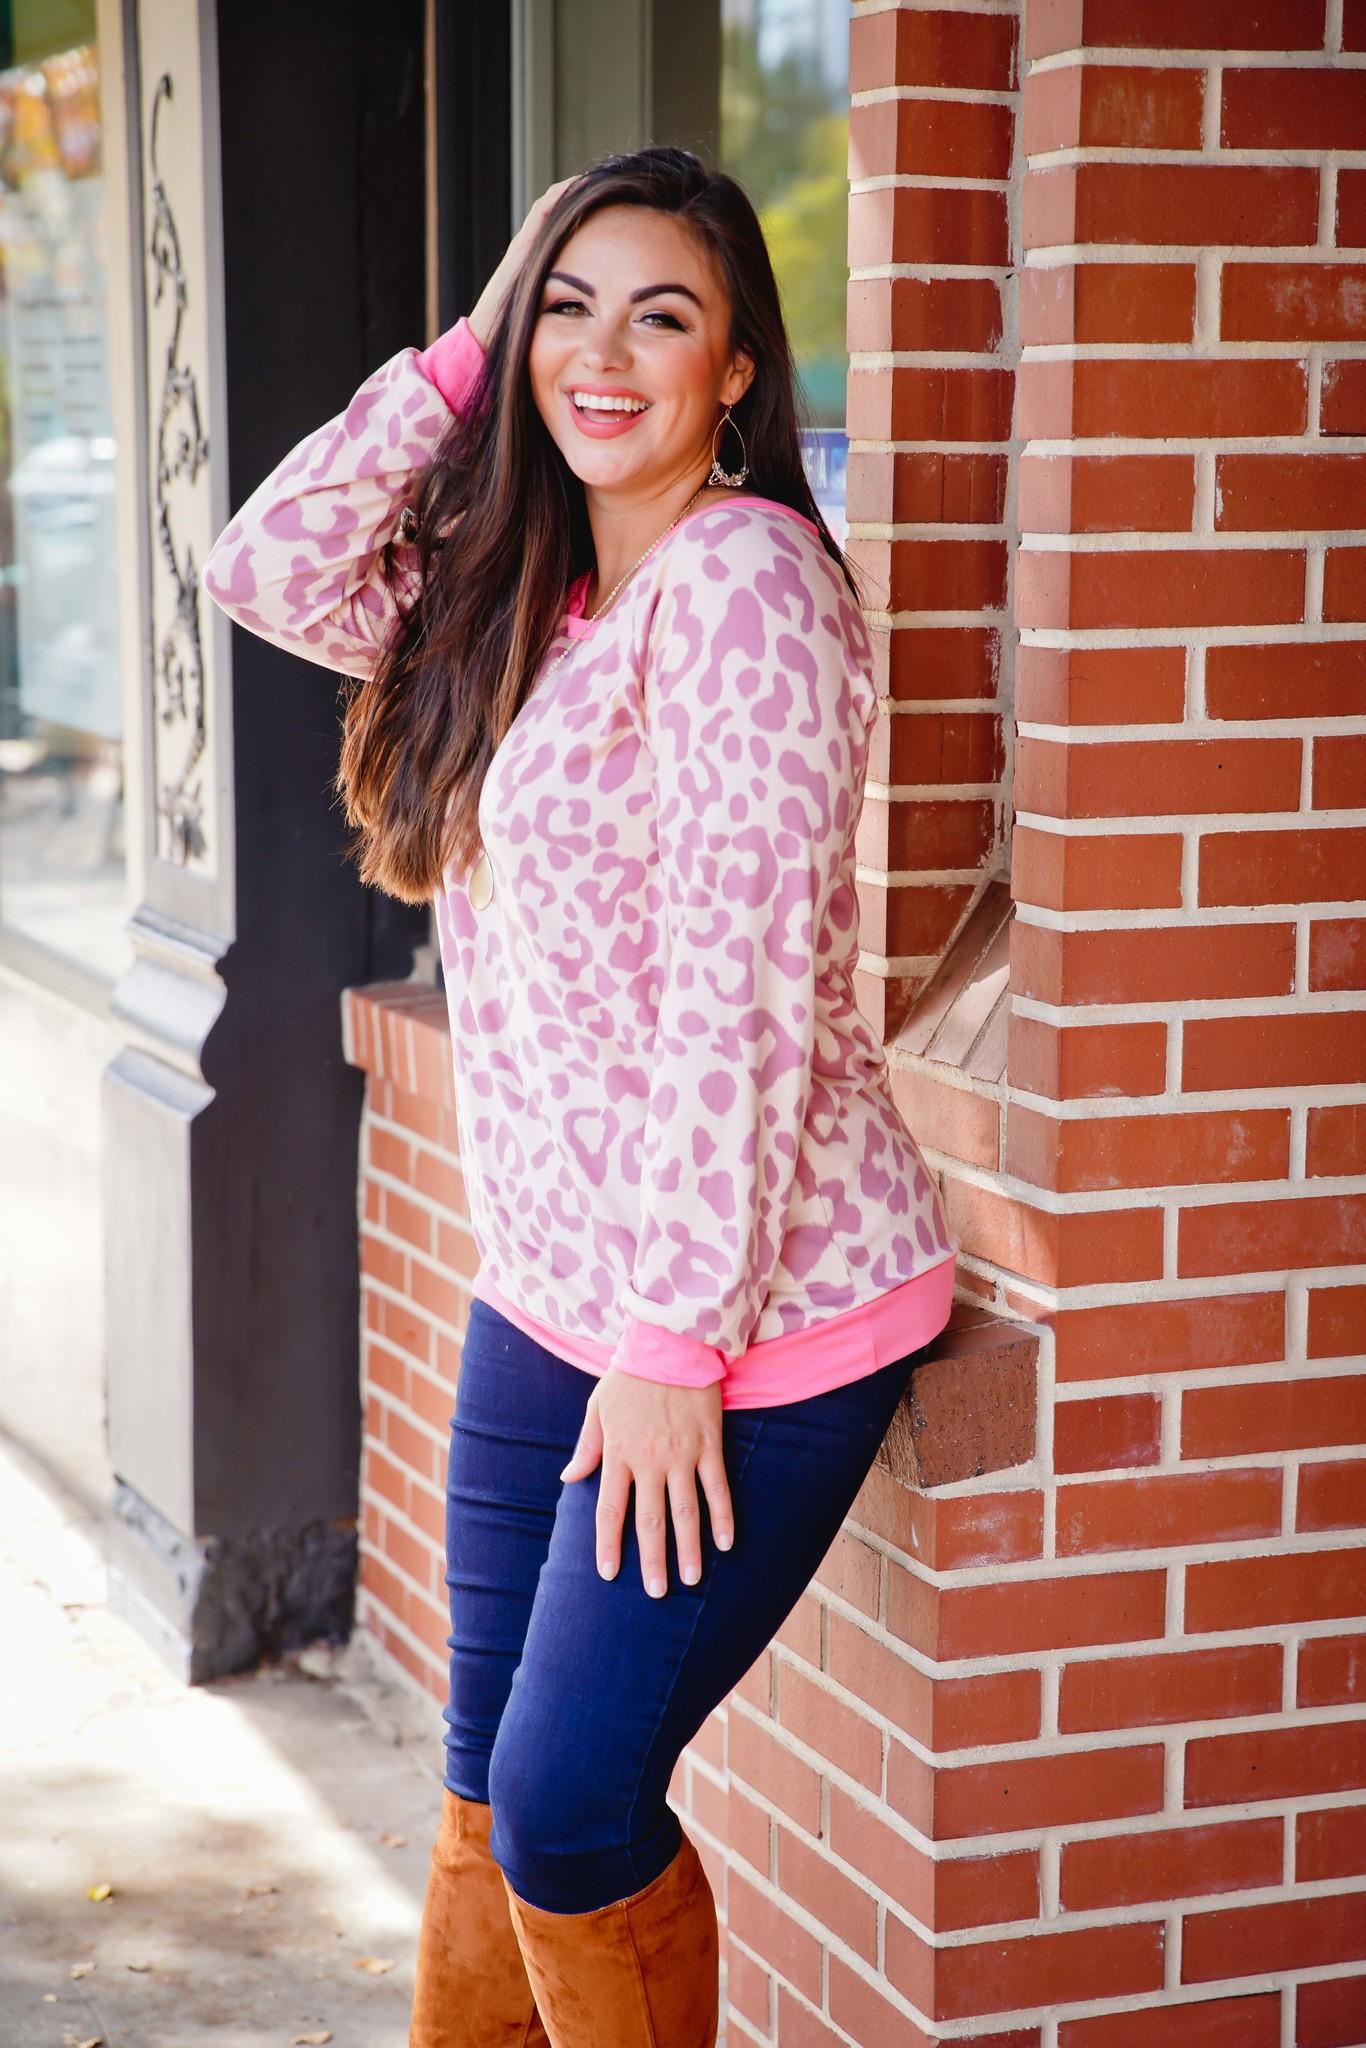 Bibi Mauve/Pink Leopard Print Top